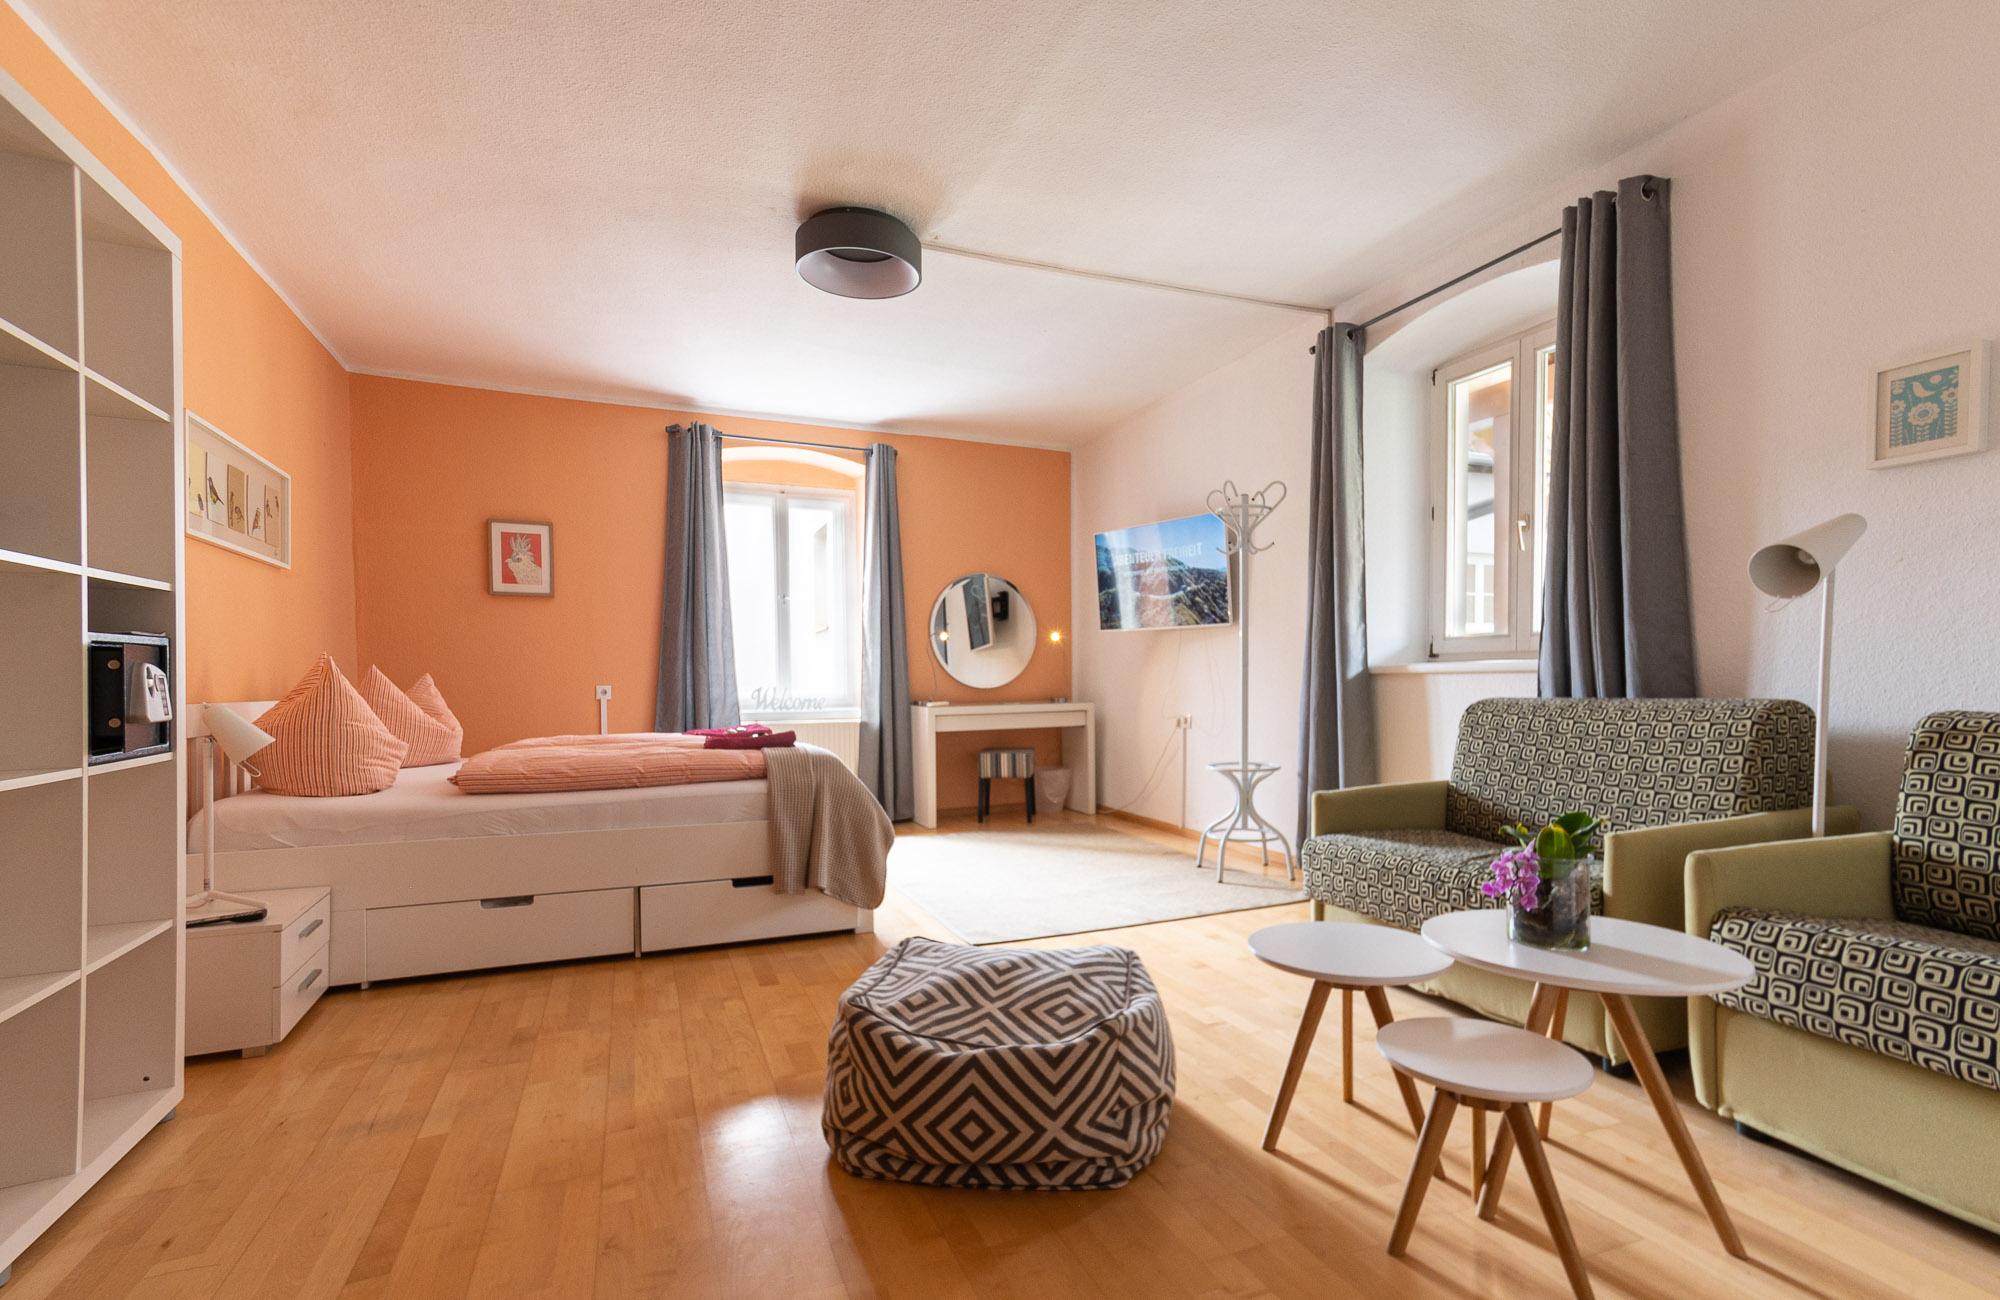 Absteige Innsbruck, Ferienapartment, Schlafzimmer